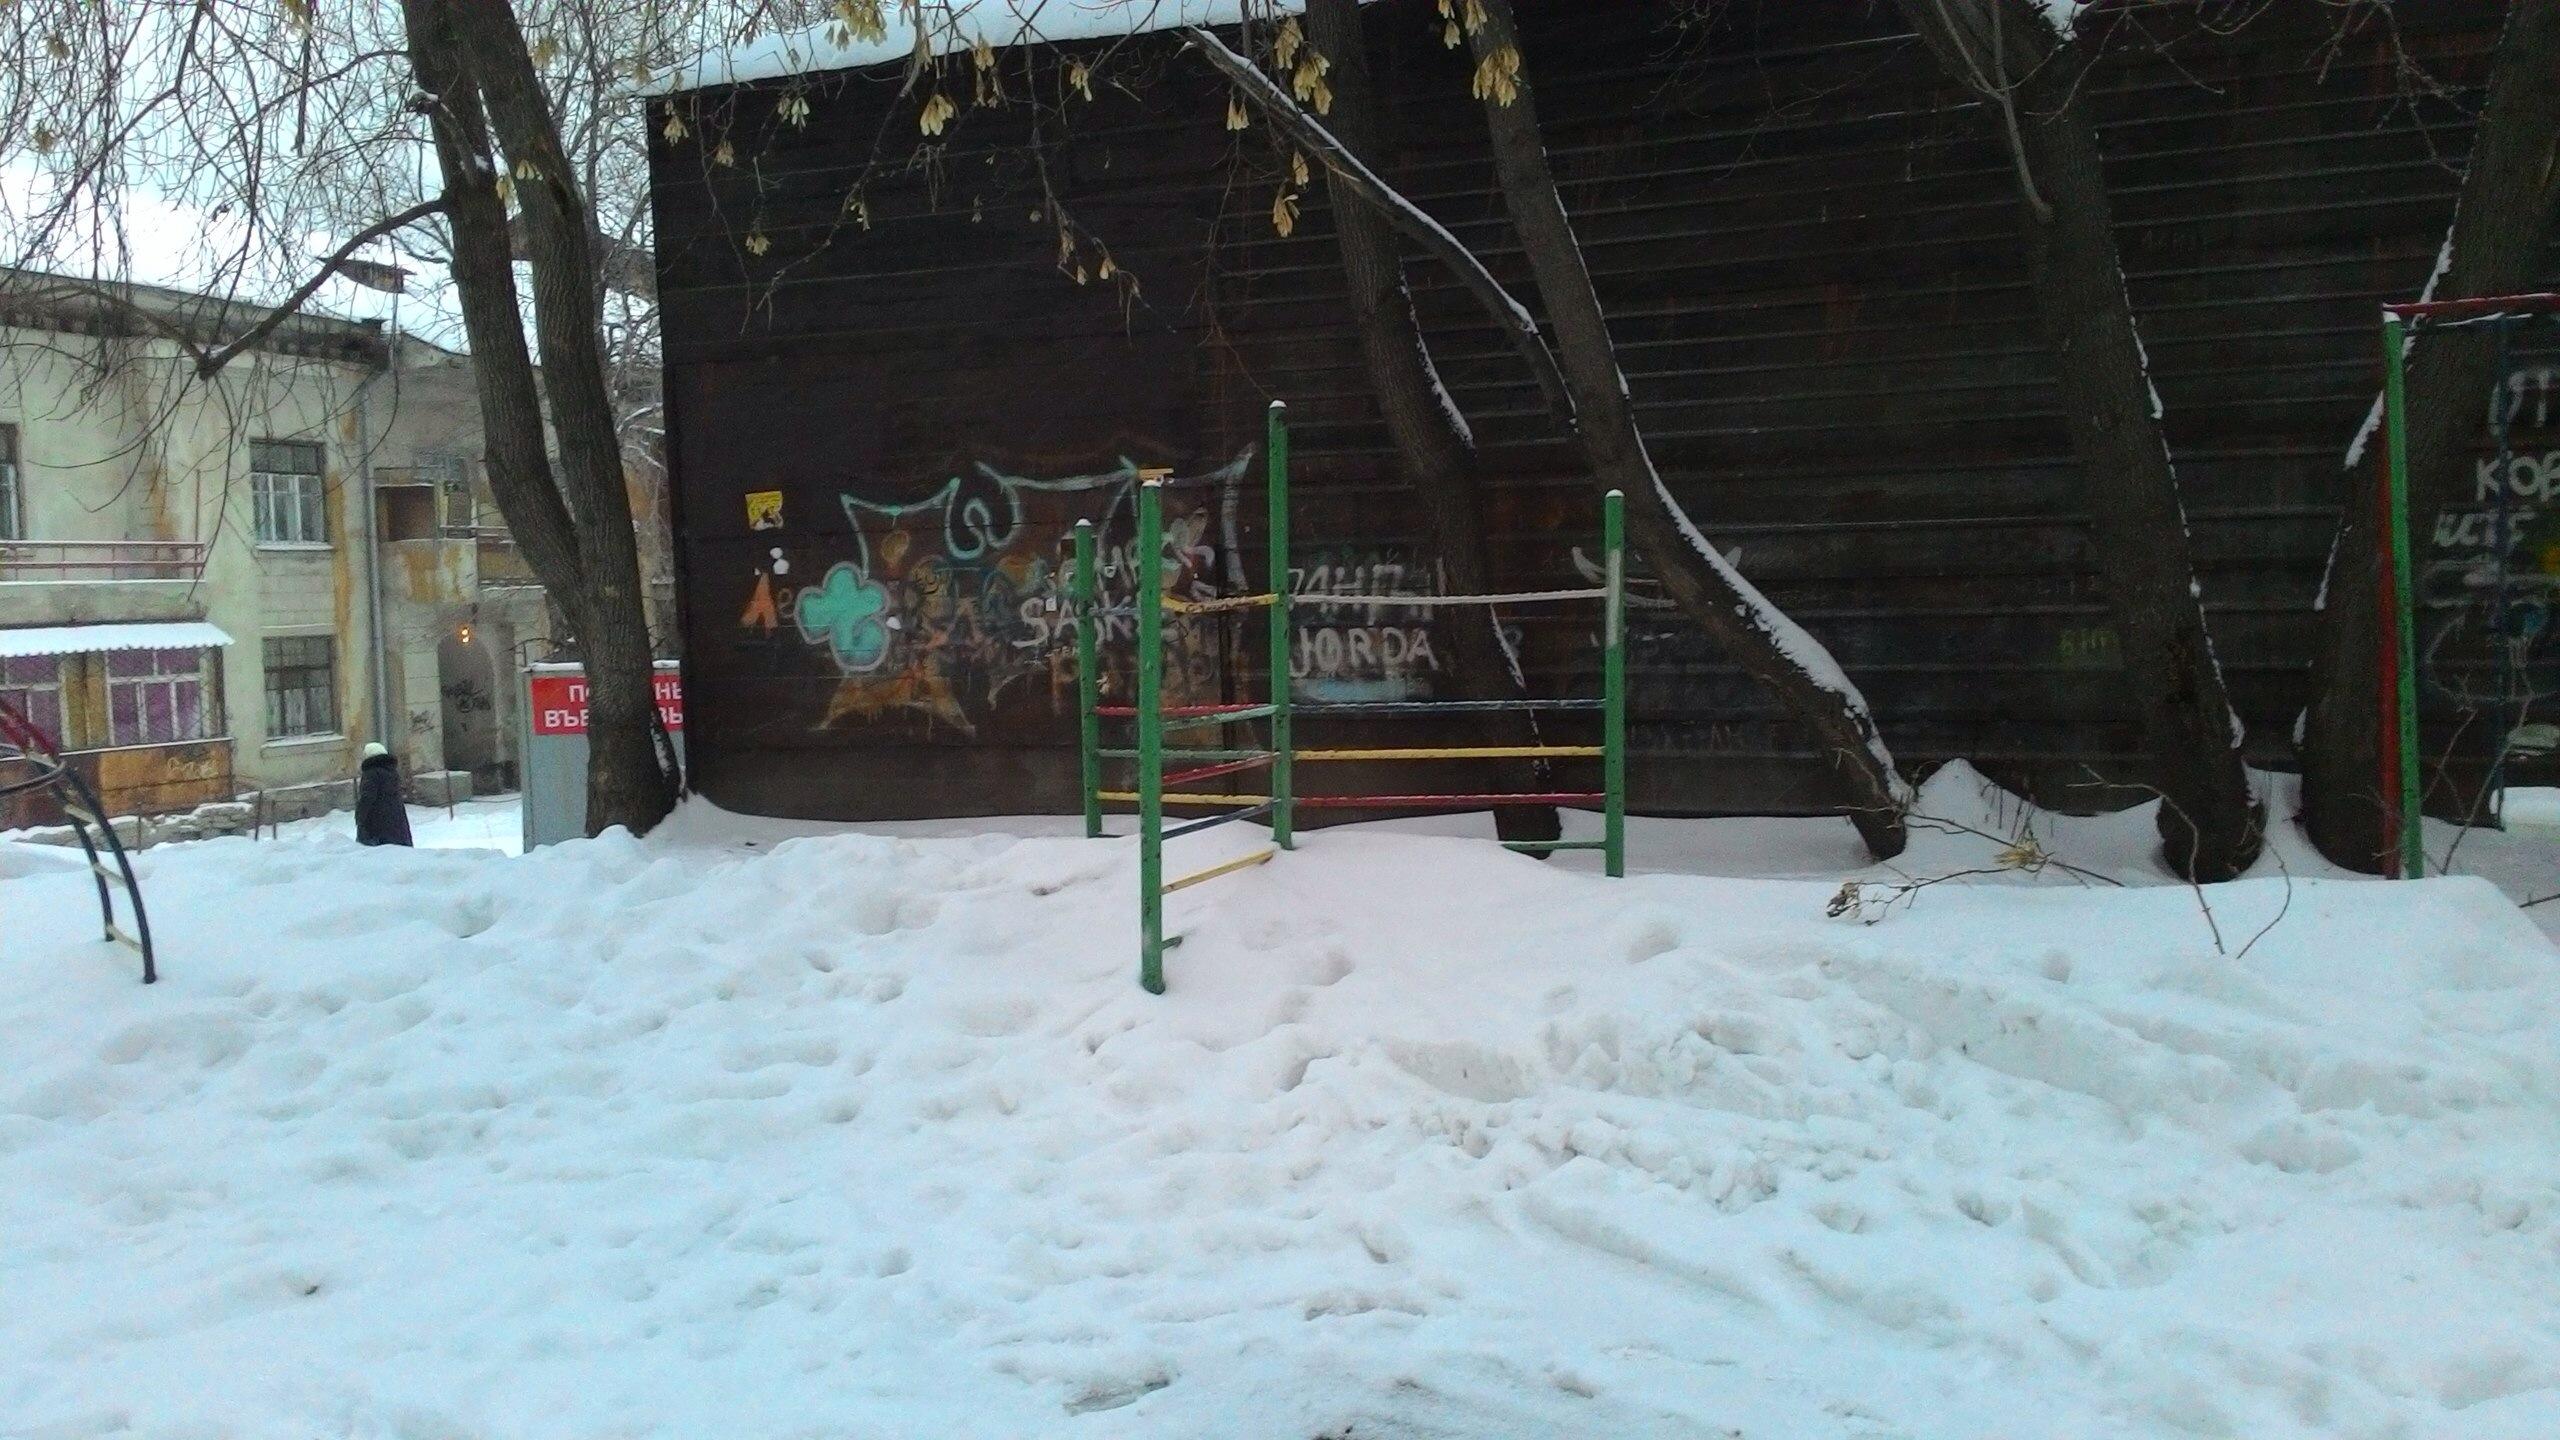 Жалуйтесь! Портал 66.ru составляет карту нечищеных дворов Екатеринбурга